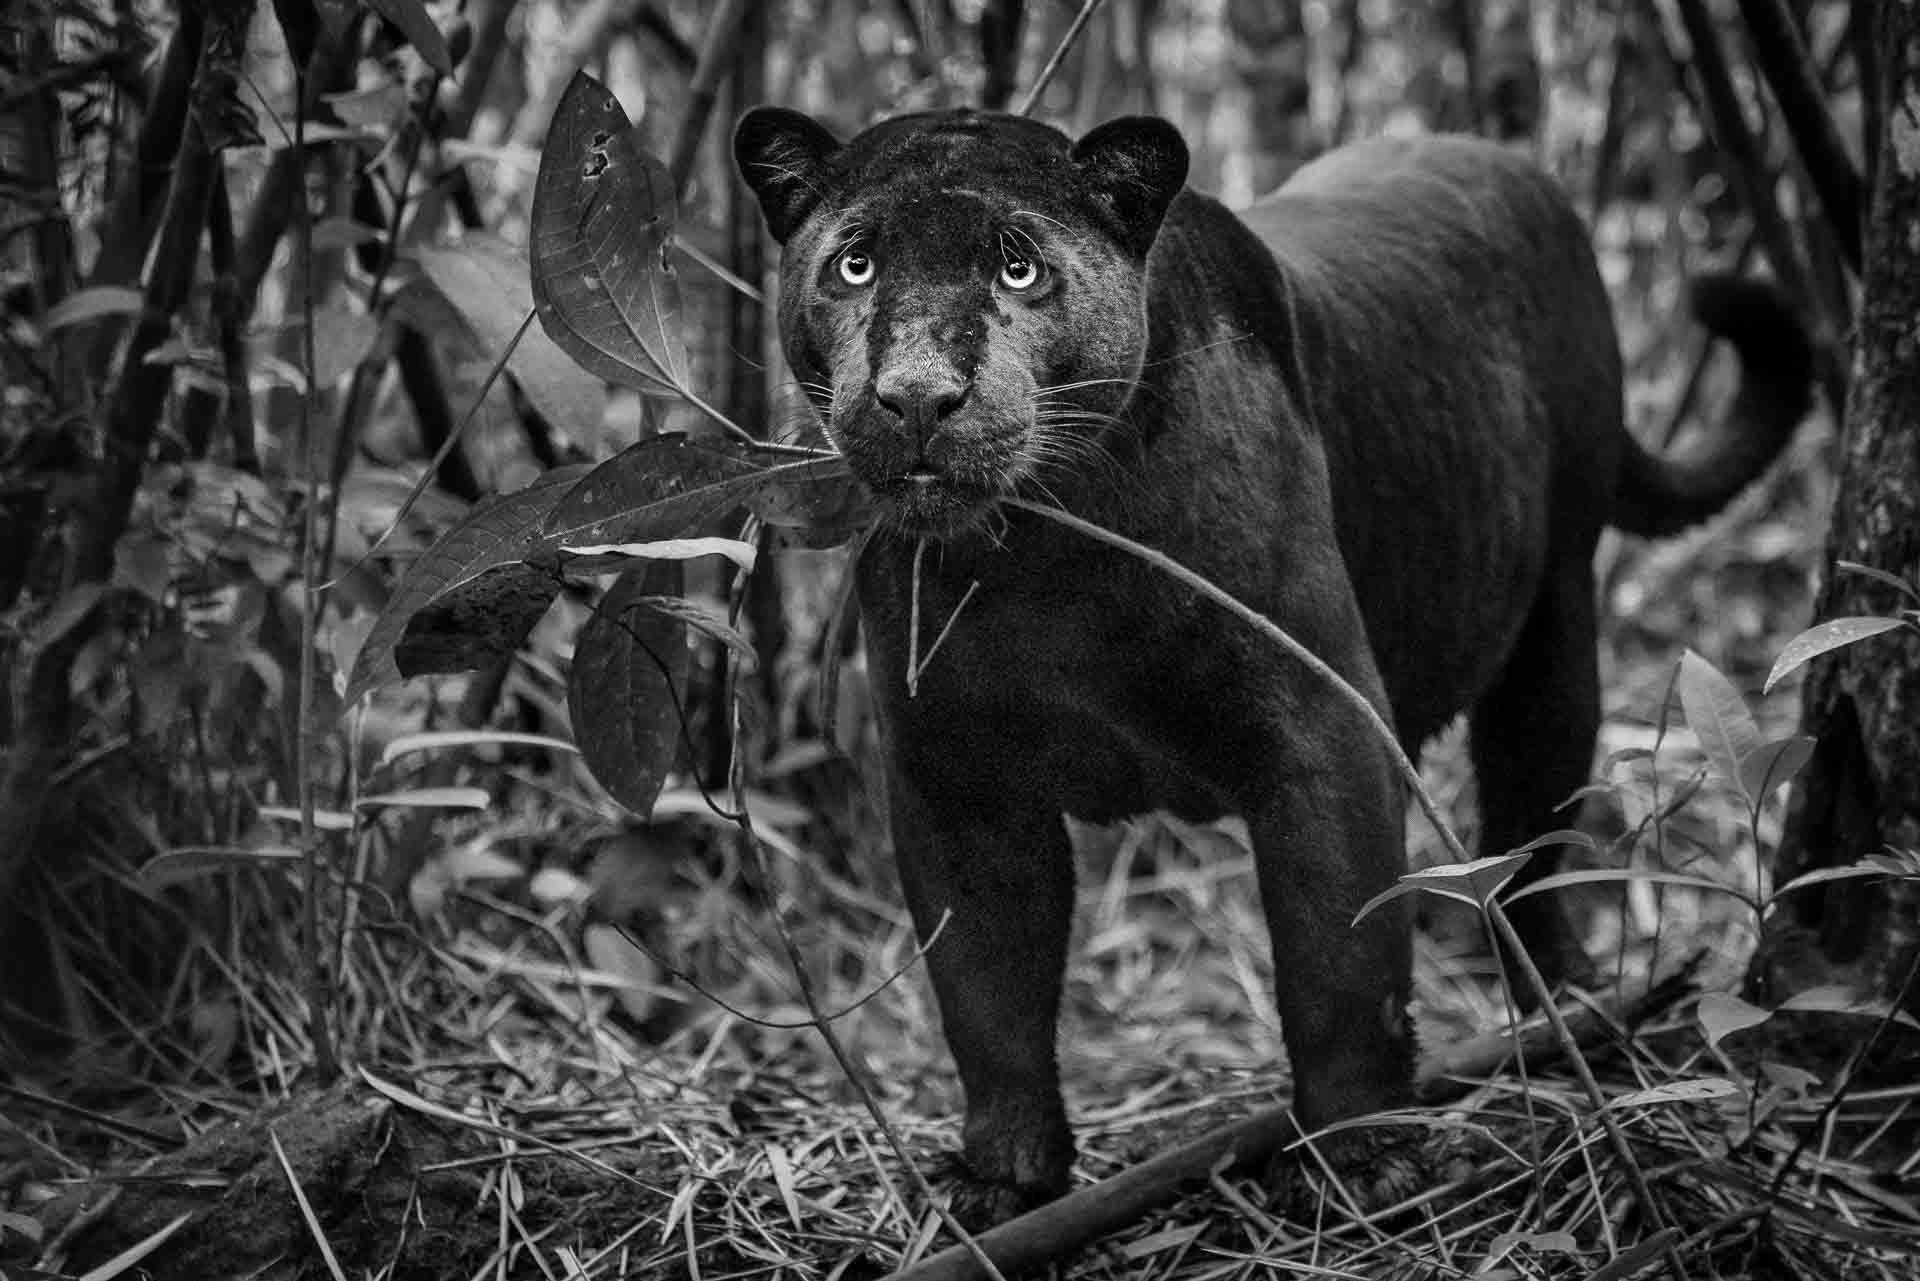 Black Panther - Brasil - Amazon - Fotoreise - Fotosafari - Fotografie